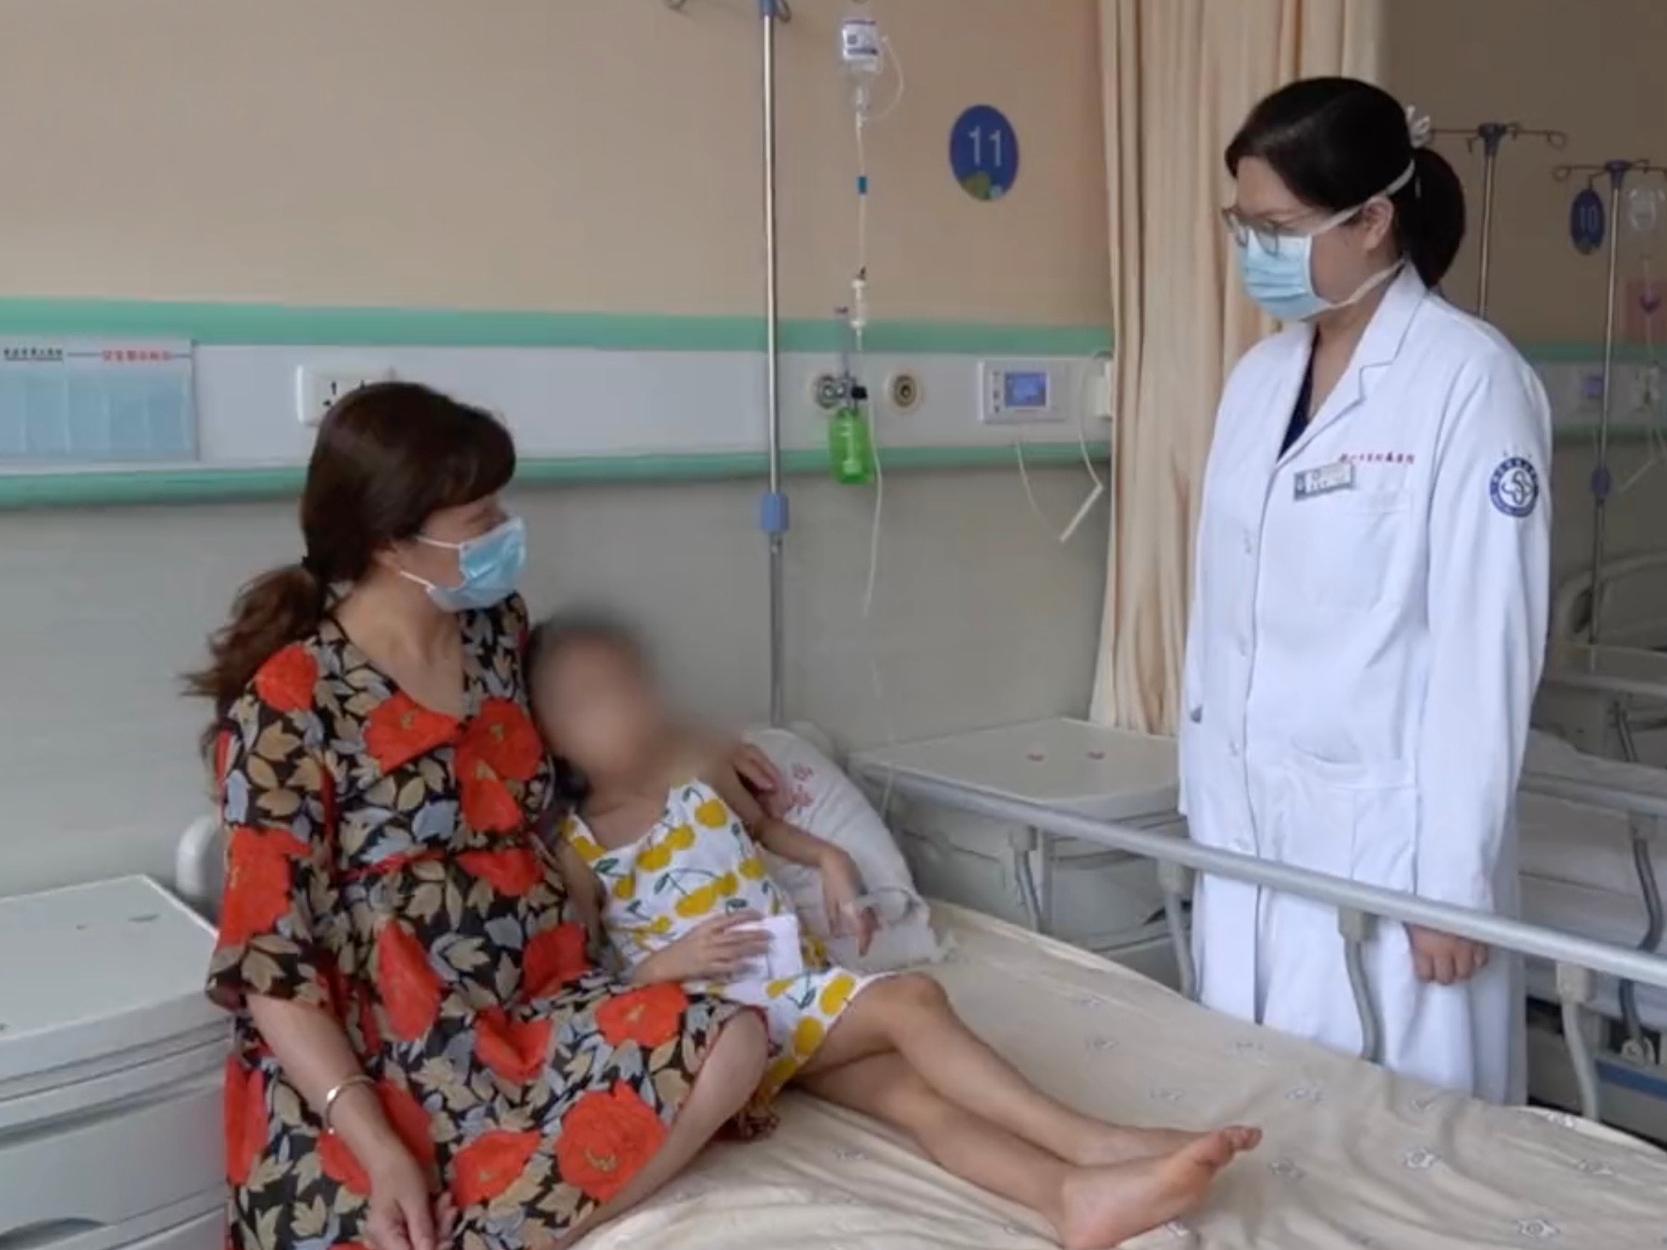 Bé gái 2 tuổi ngã đập mặt xuống đất gãy răng, 4 năm sau bác sĩ kinh ngạc khi phát hiện thứ kỳ lạ trong mũi - Ảnh 1